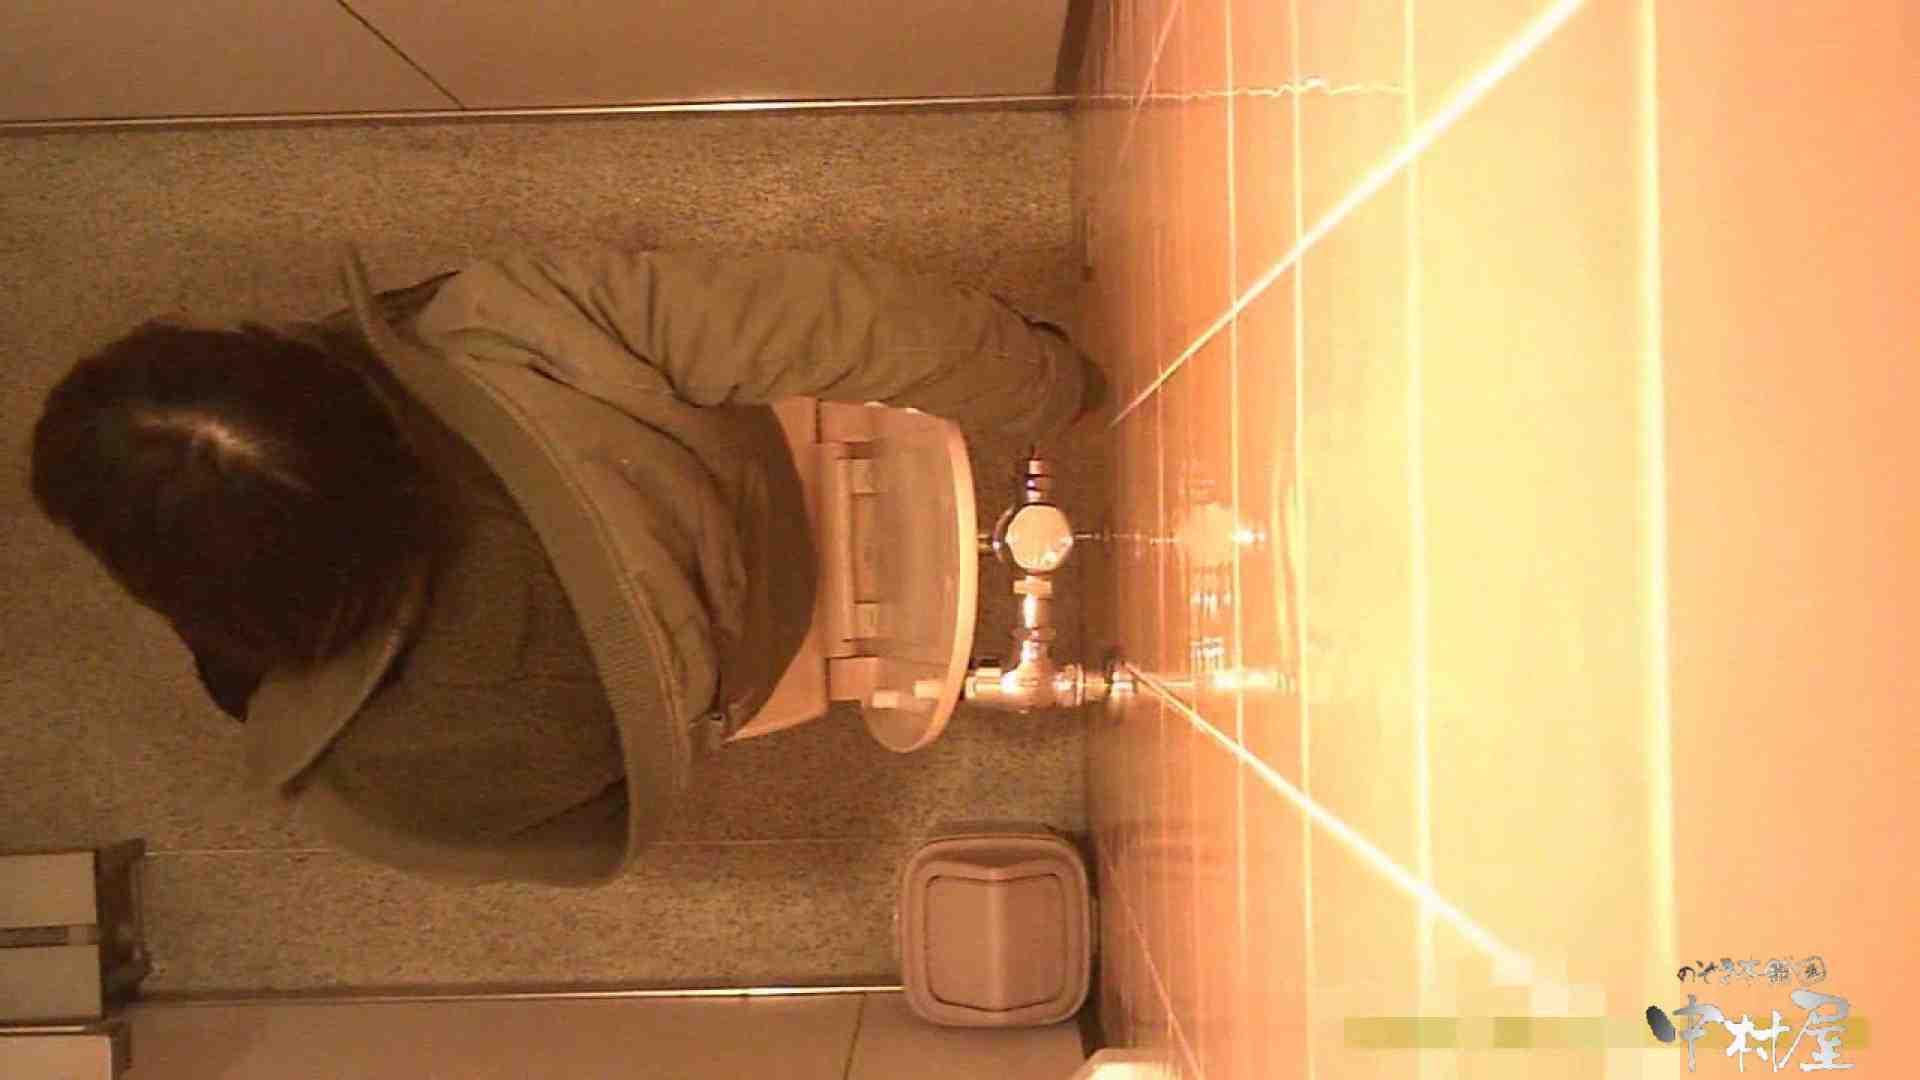 初盗撮!女盗撮師カレンさんの 潜入!女子トイレ盗撮!Vol.5 美女 AV動画キャプチャ 36連発 13